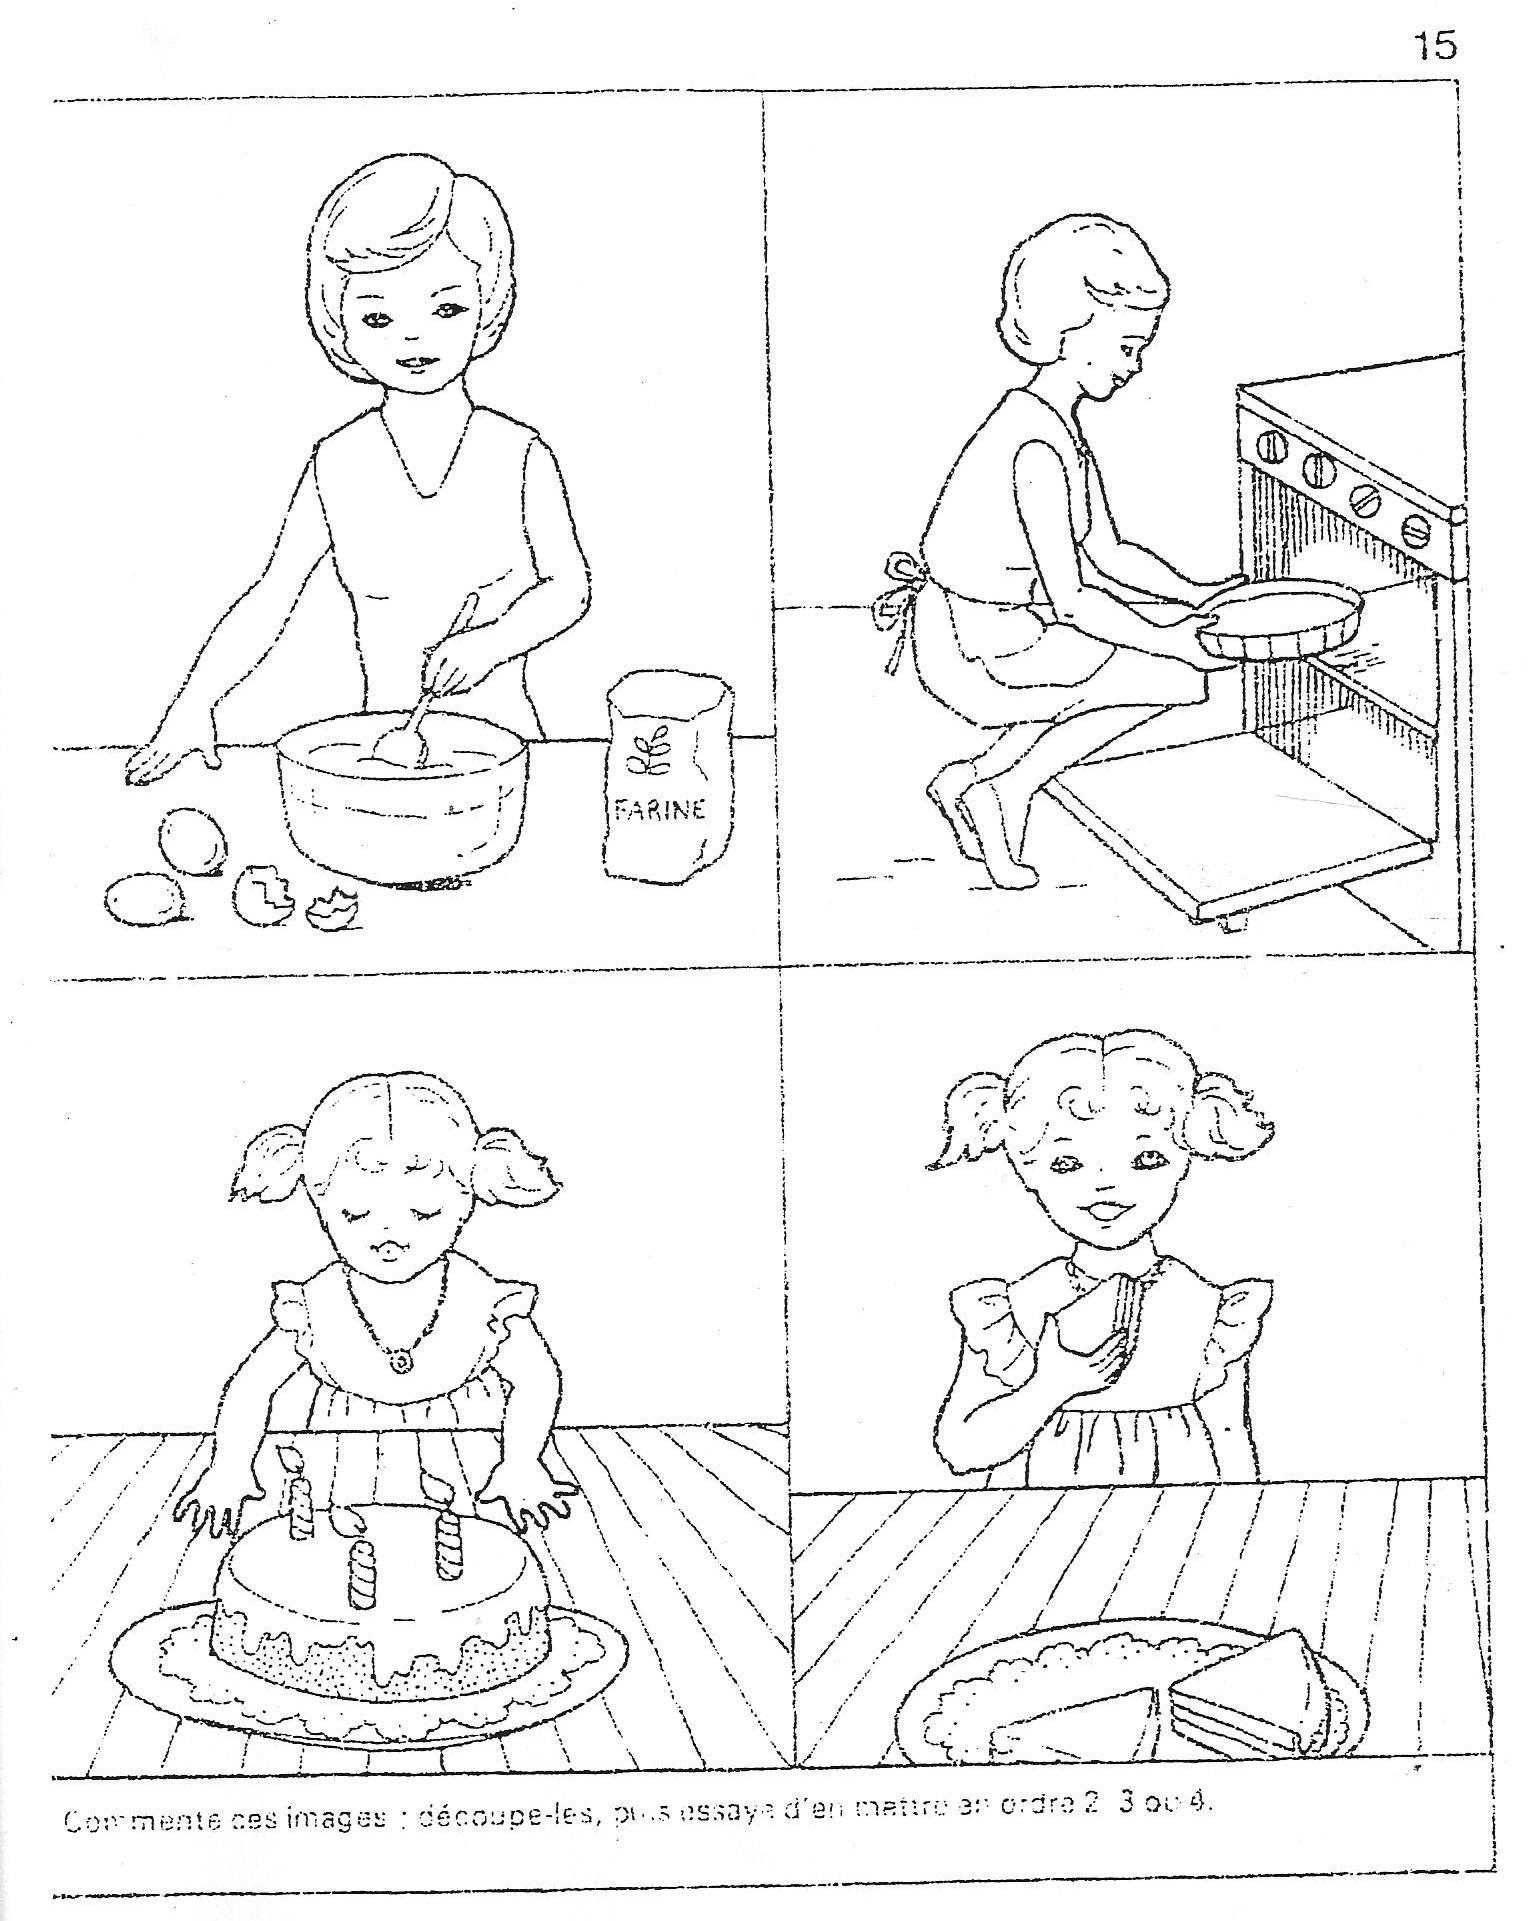 Images Sequentielles Maman Prepare Le Gateau D Anniversaire